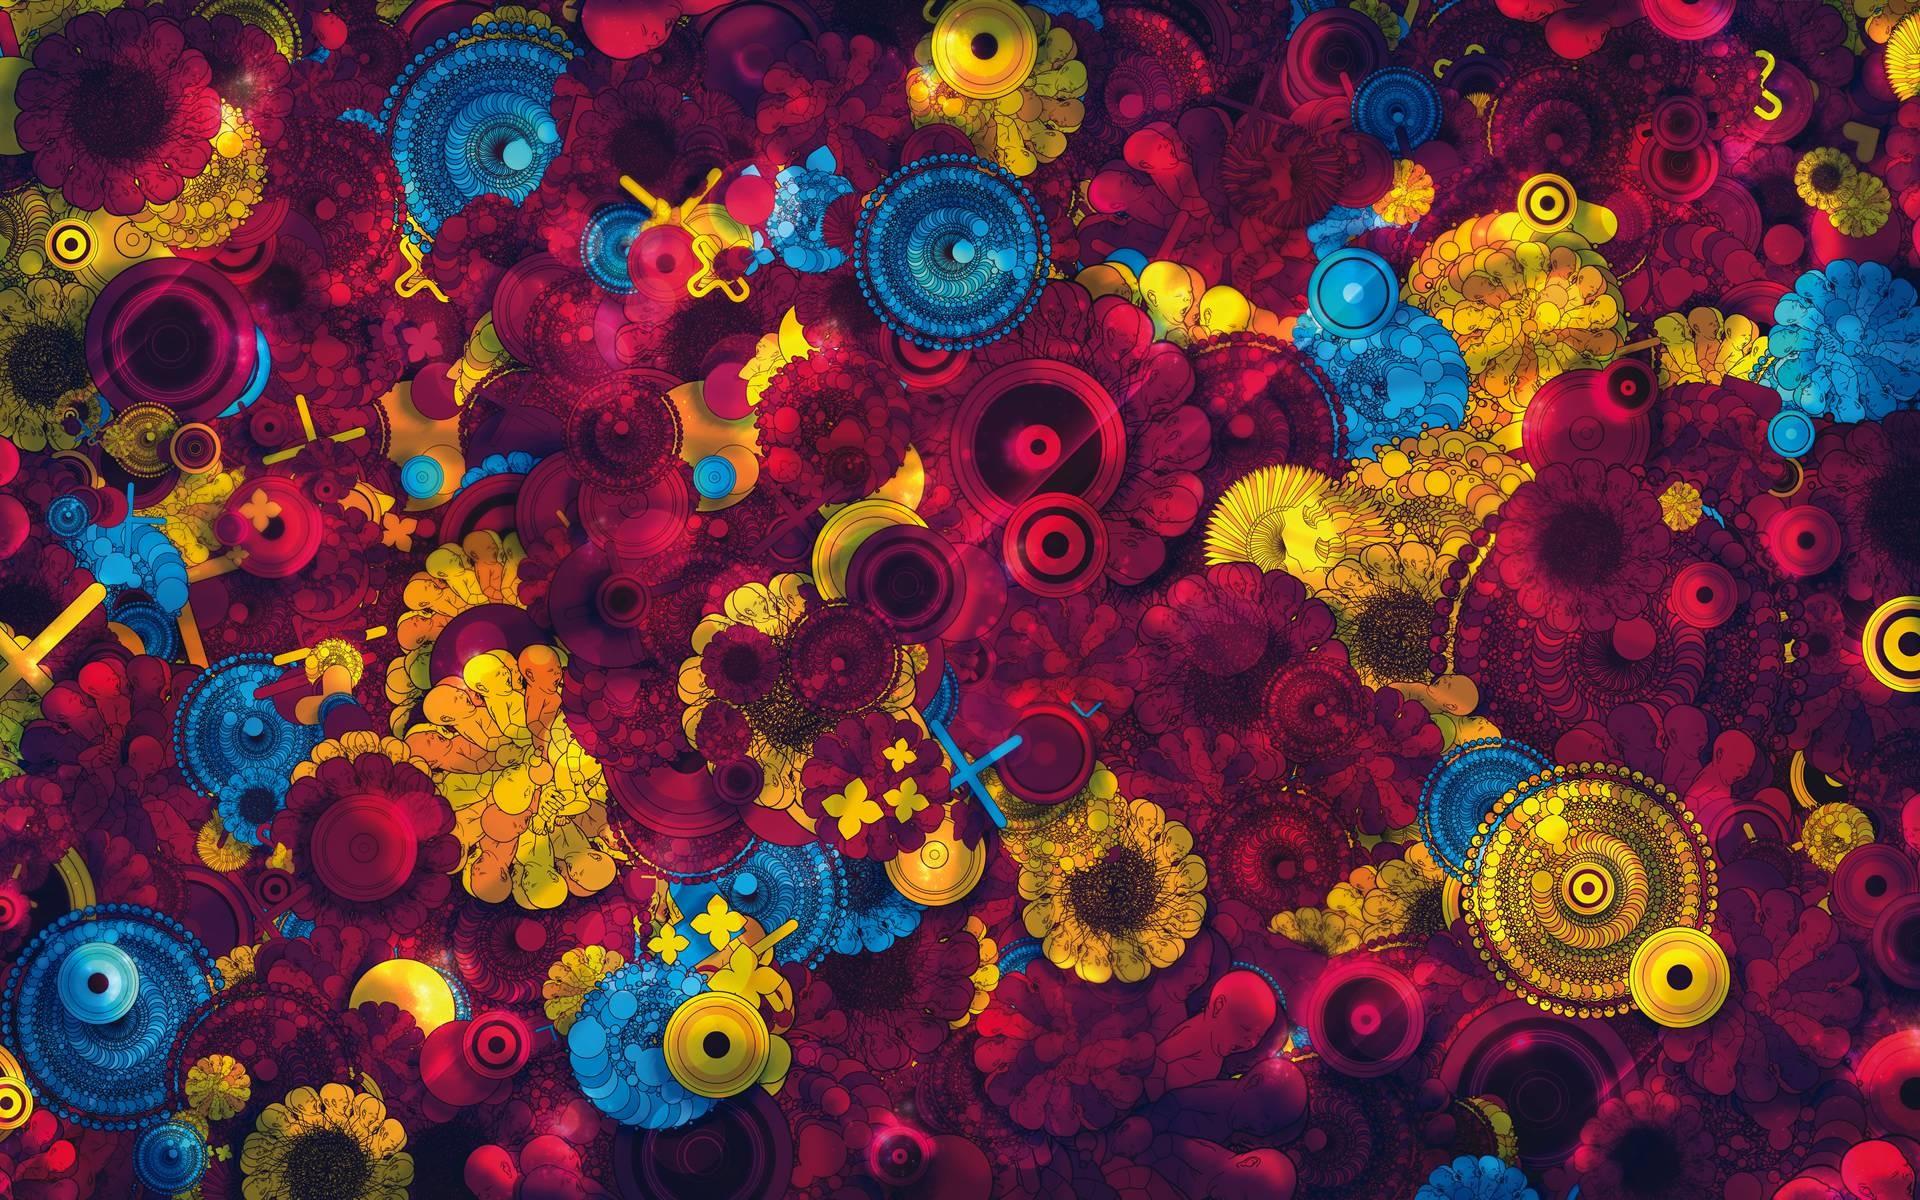 Psychedelic Desktop Wallpaper – www.